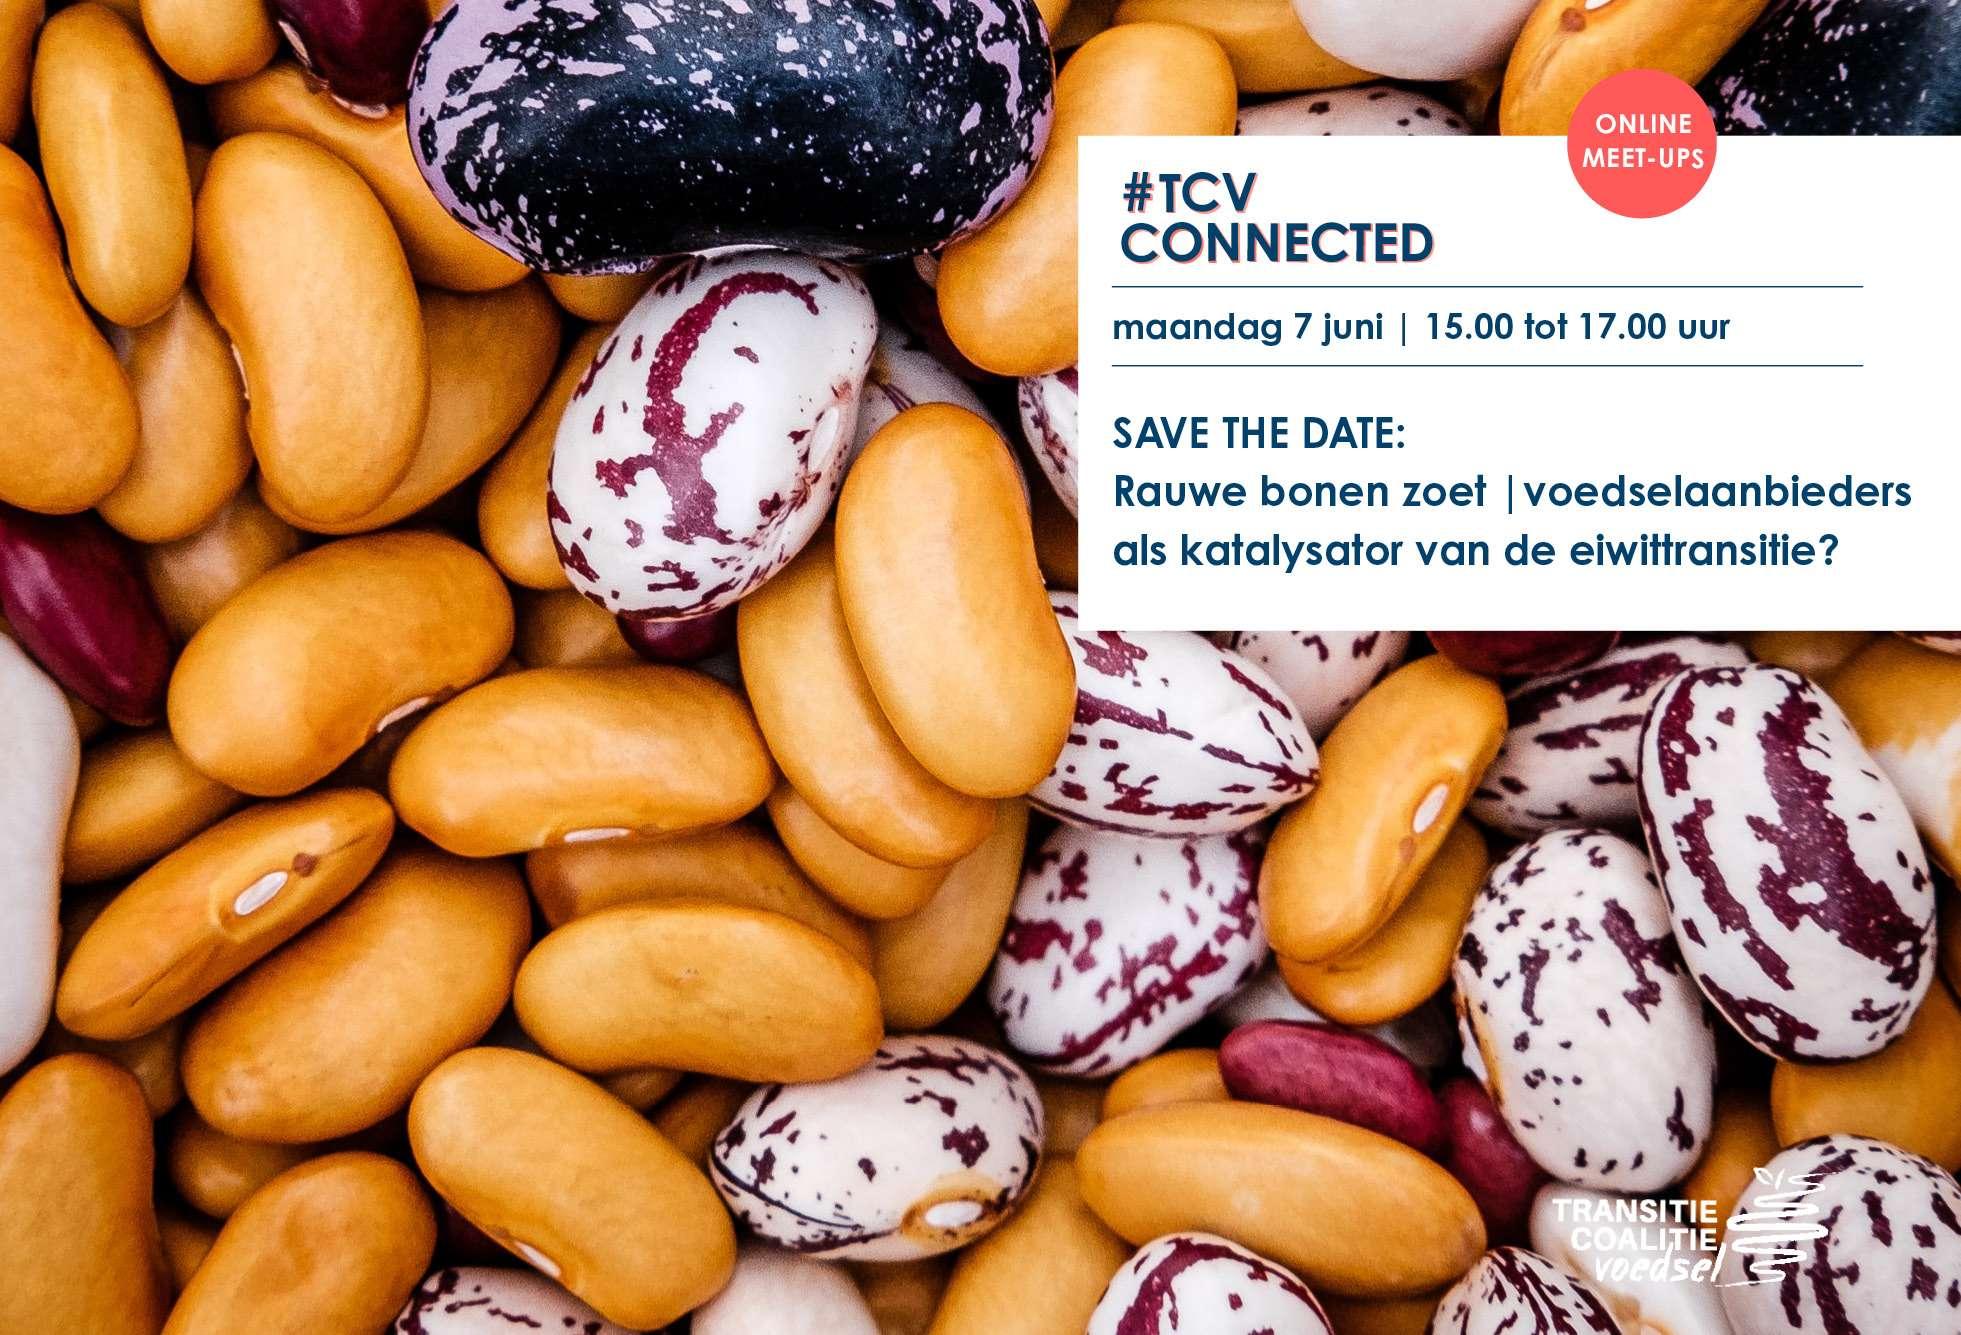 Rauwe bonen zoet | Voedselaanbieders als katalysator van de eiwittransitie? – Ma 7 juni